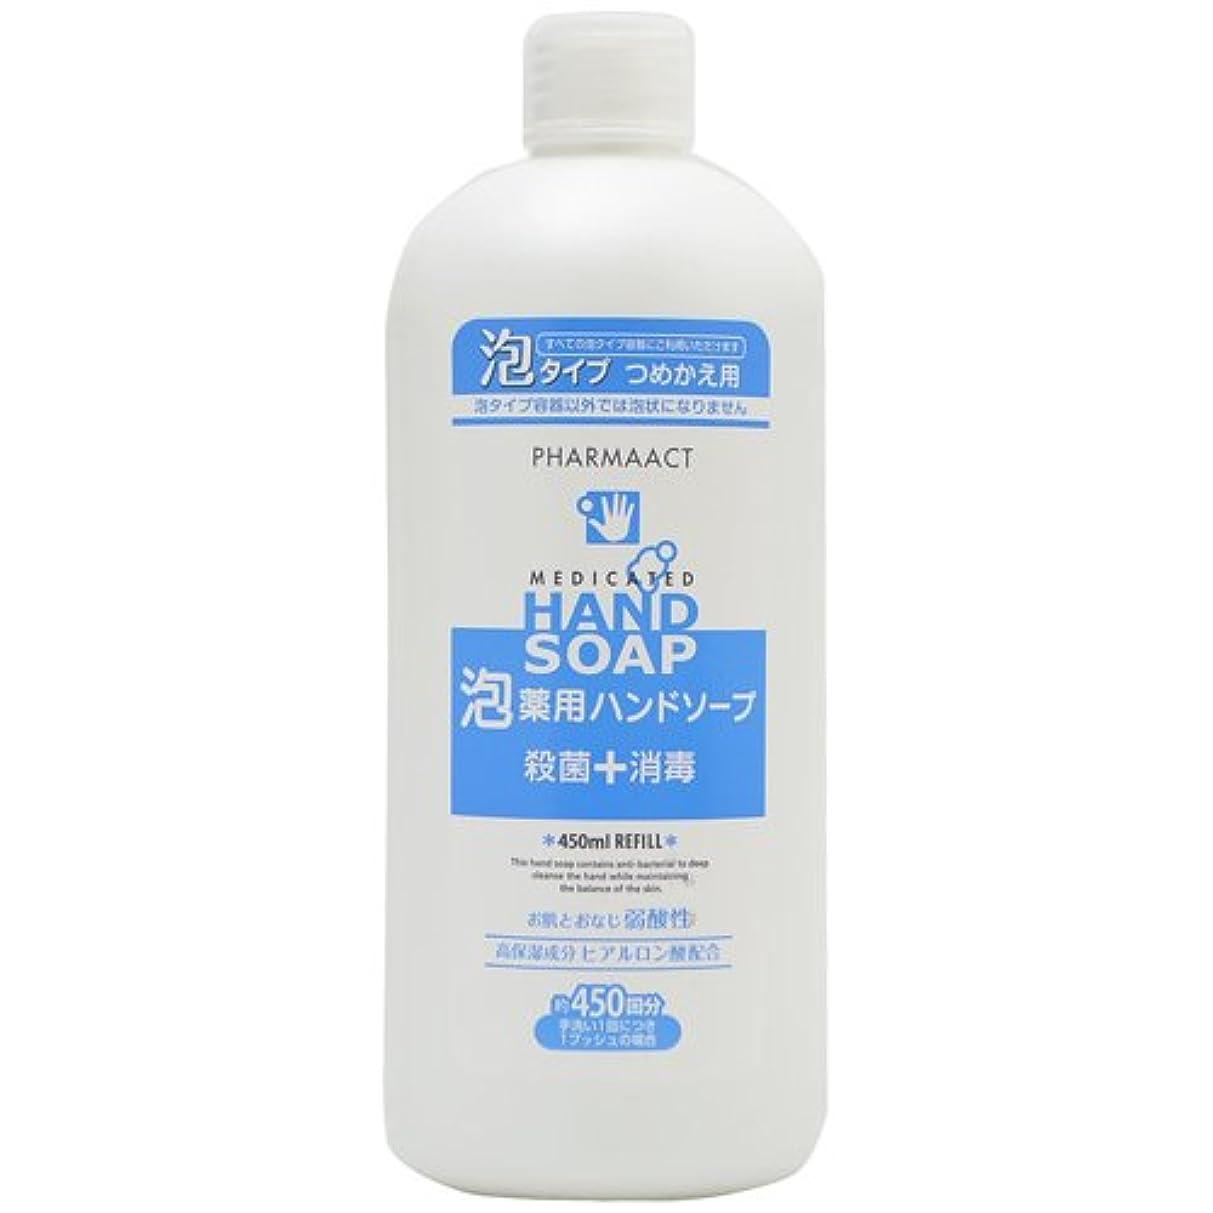 韻取り扱いフルーティー熊野油脂 ファーマアクト 薬用泡ハンドソープ つめかえ用 450ml×24点セット (4513574017603)